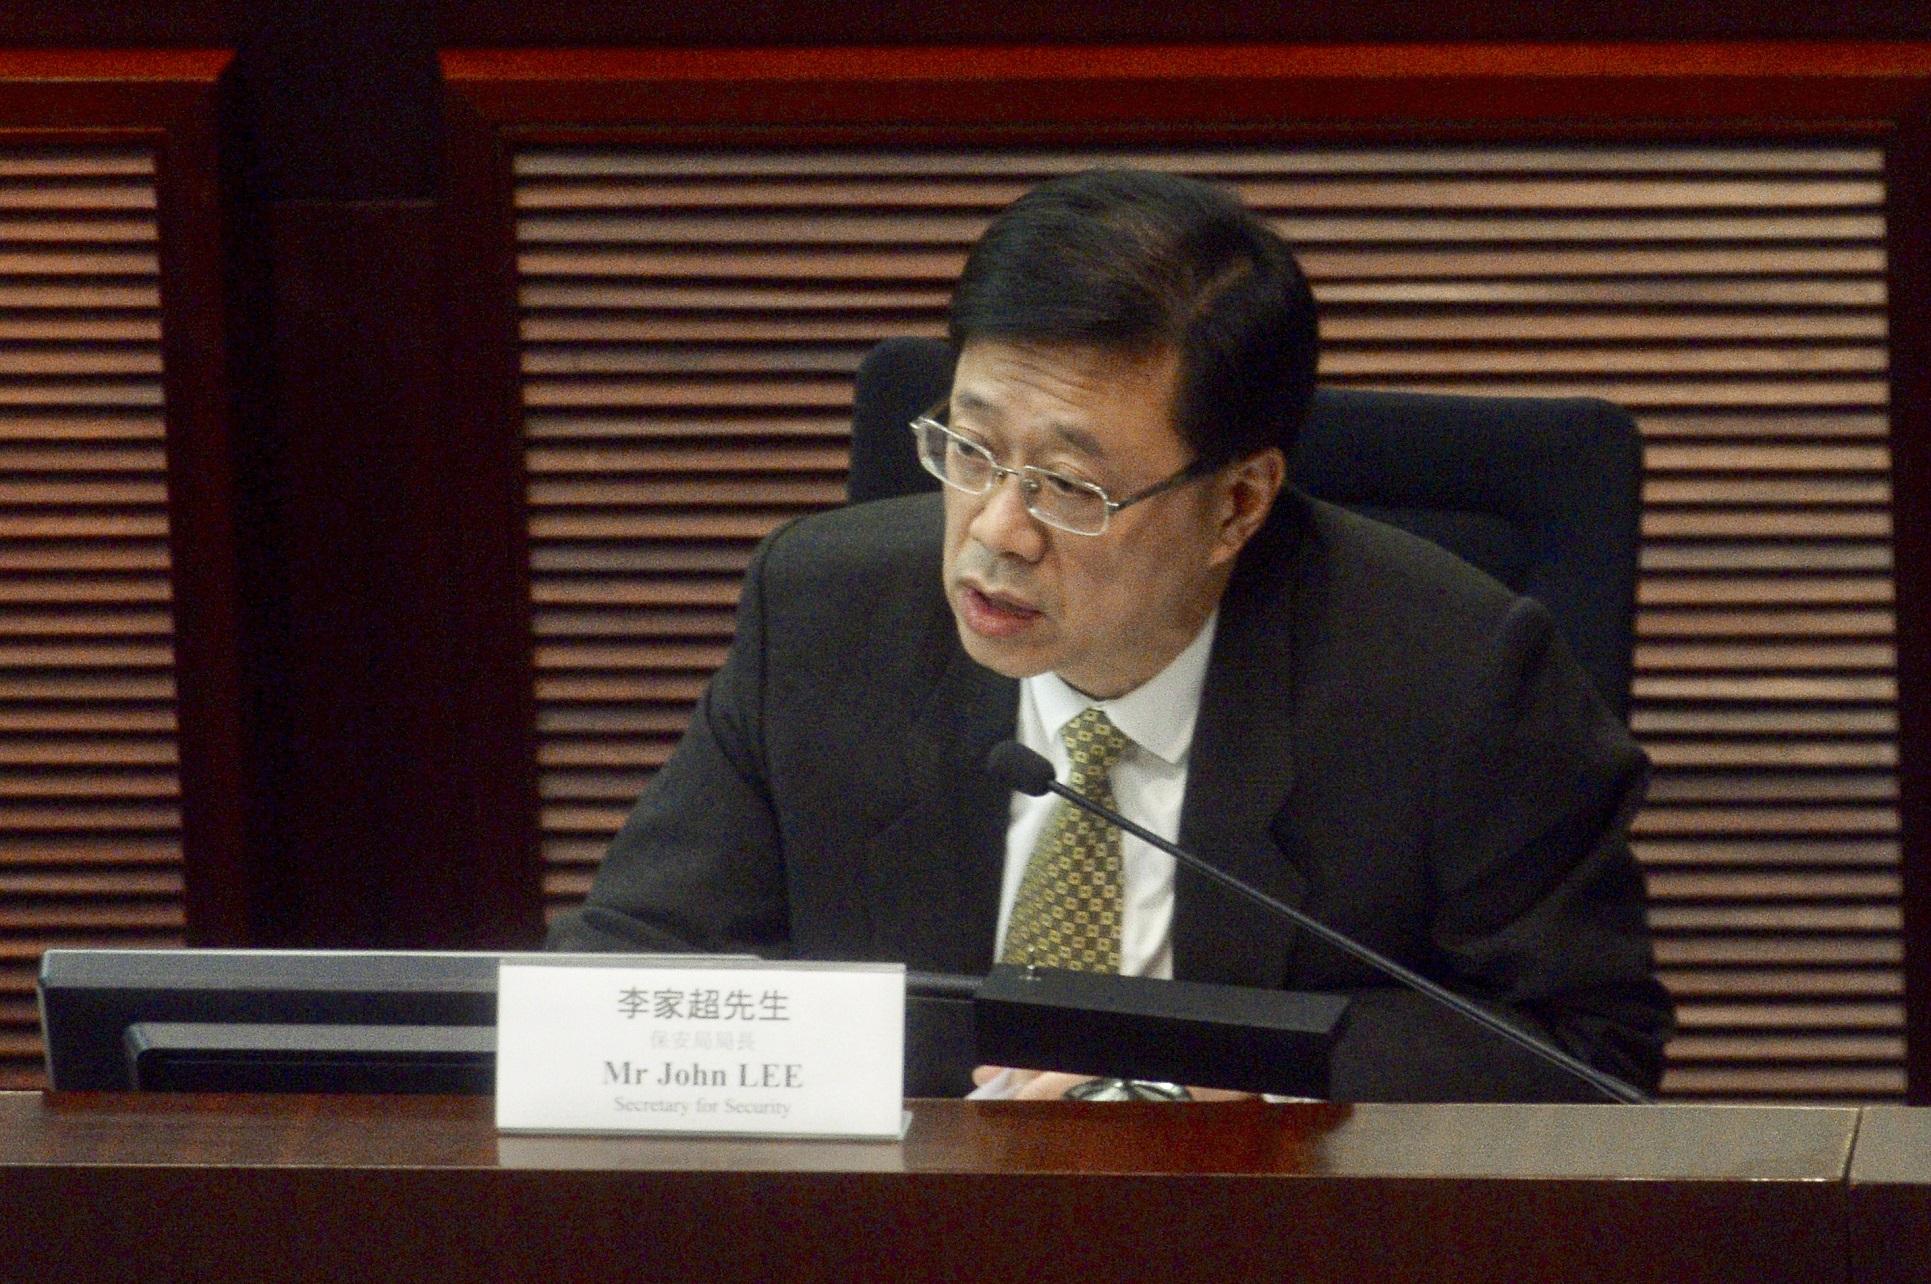 李家超指販運人口問題在香港並不普及。資料圖片